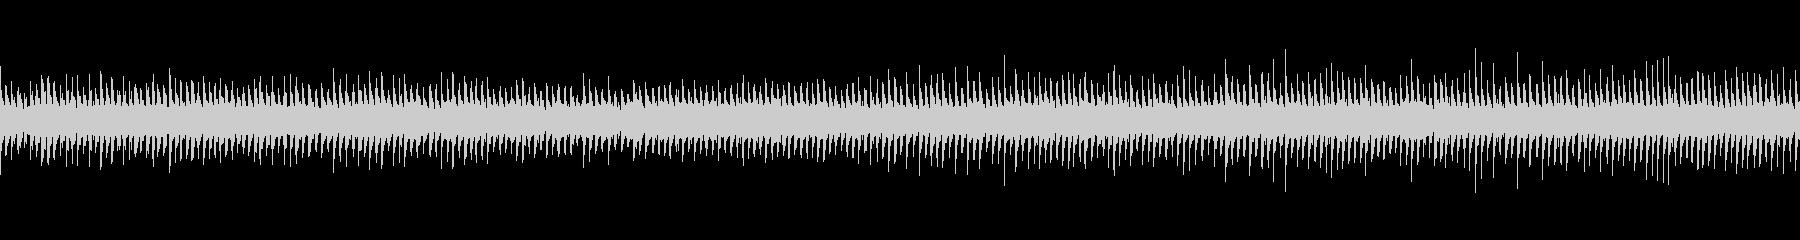 オーブントースターのタイマーカウントの未再生の波形